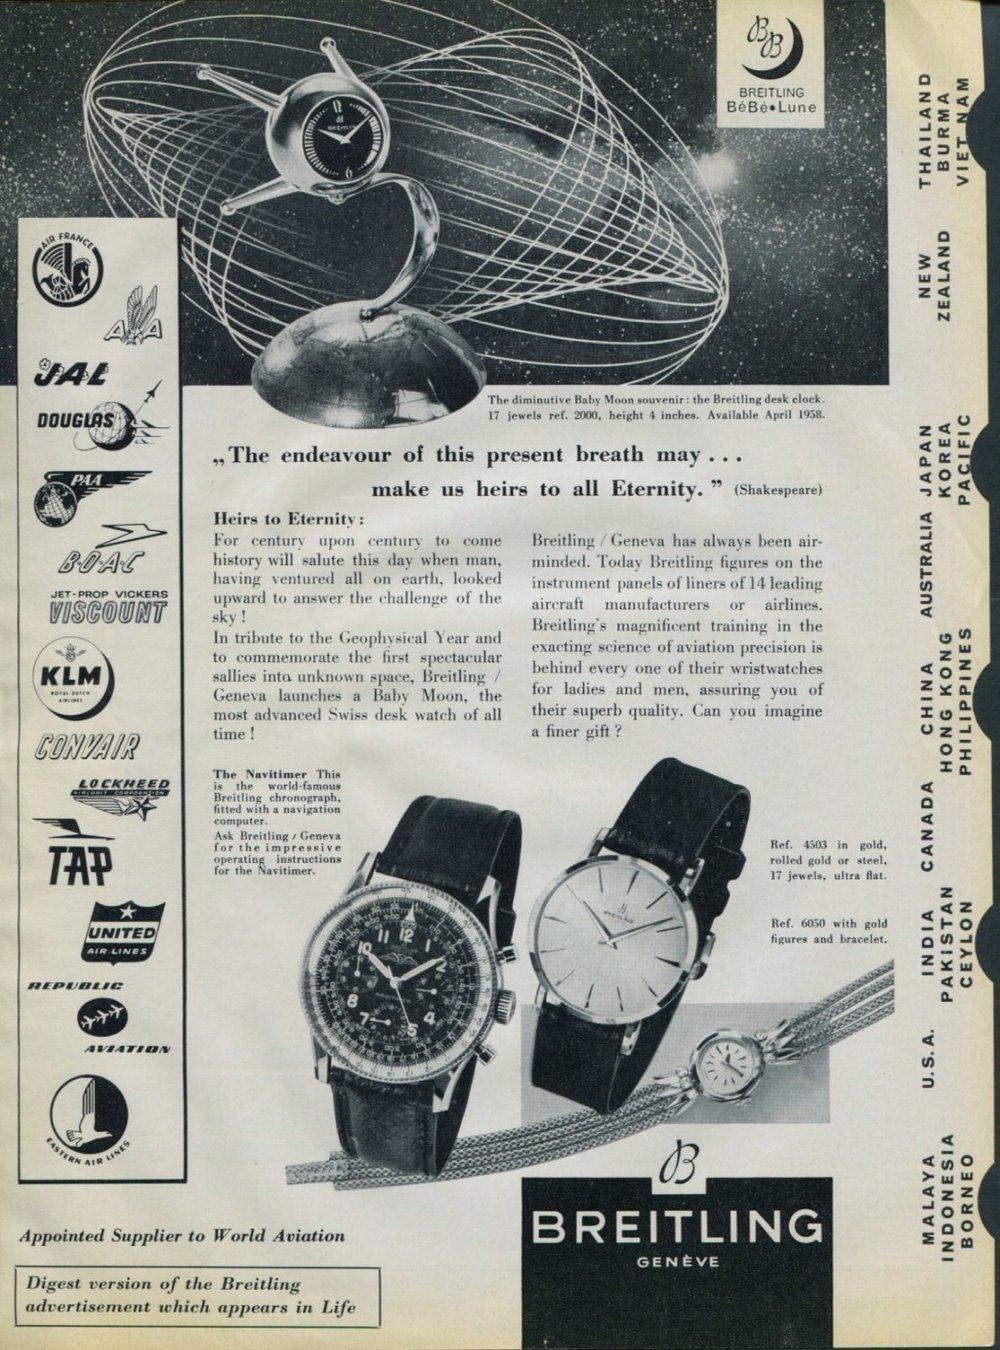 Breitling vintage advery.jpg